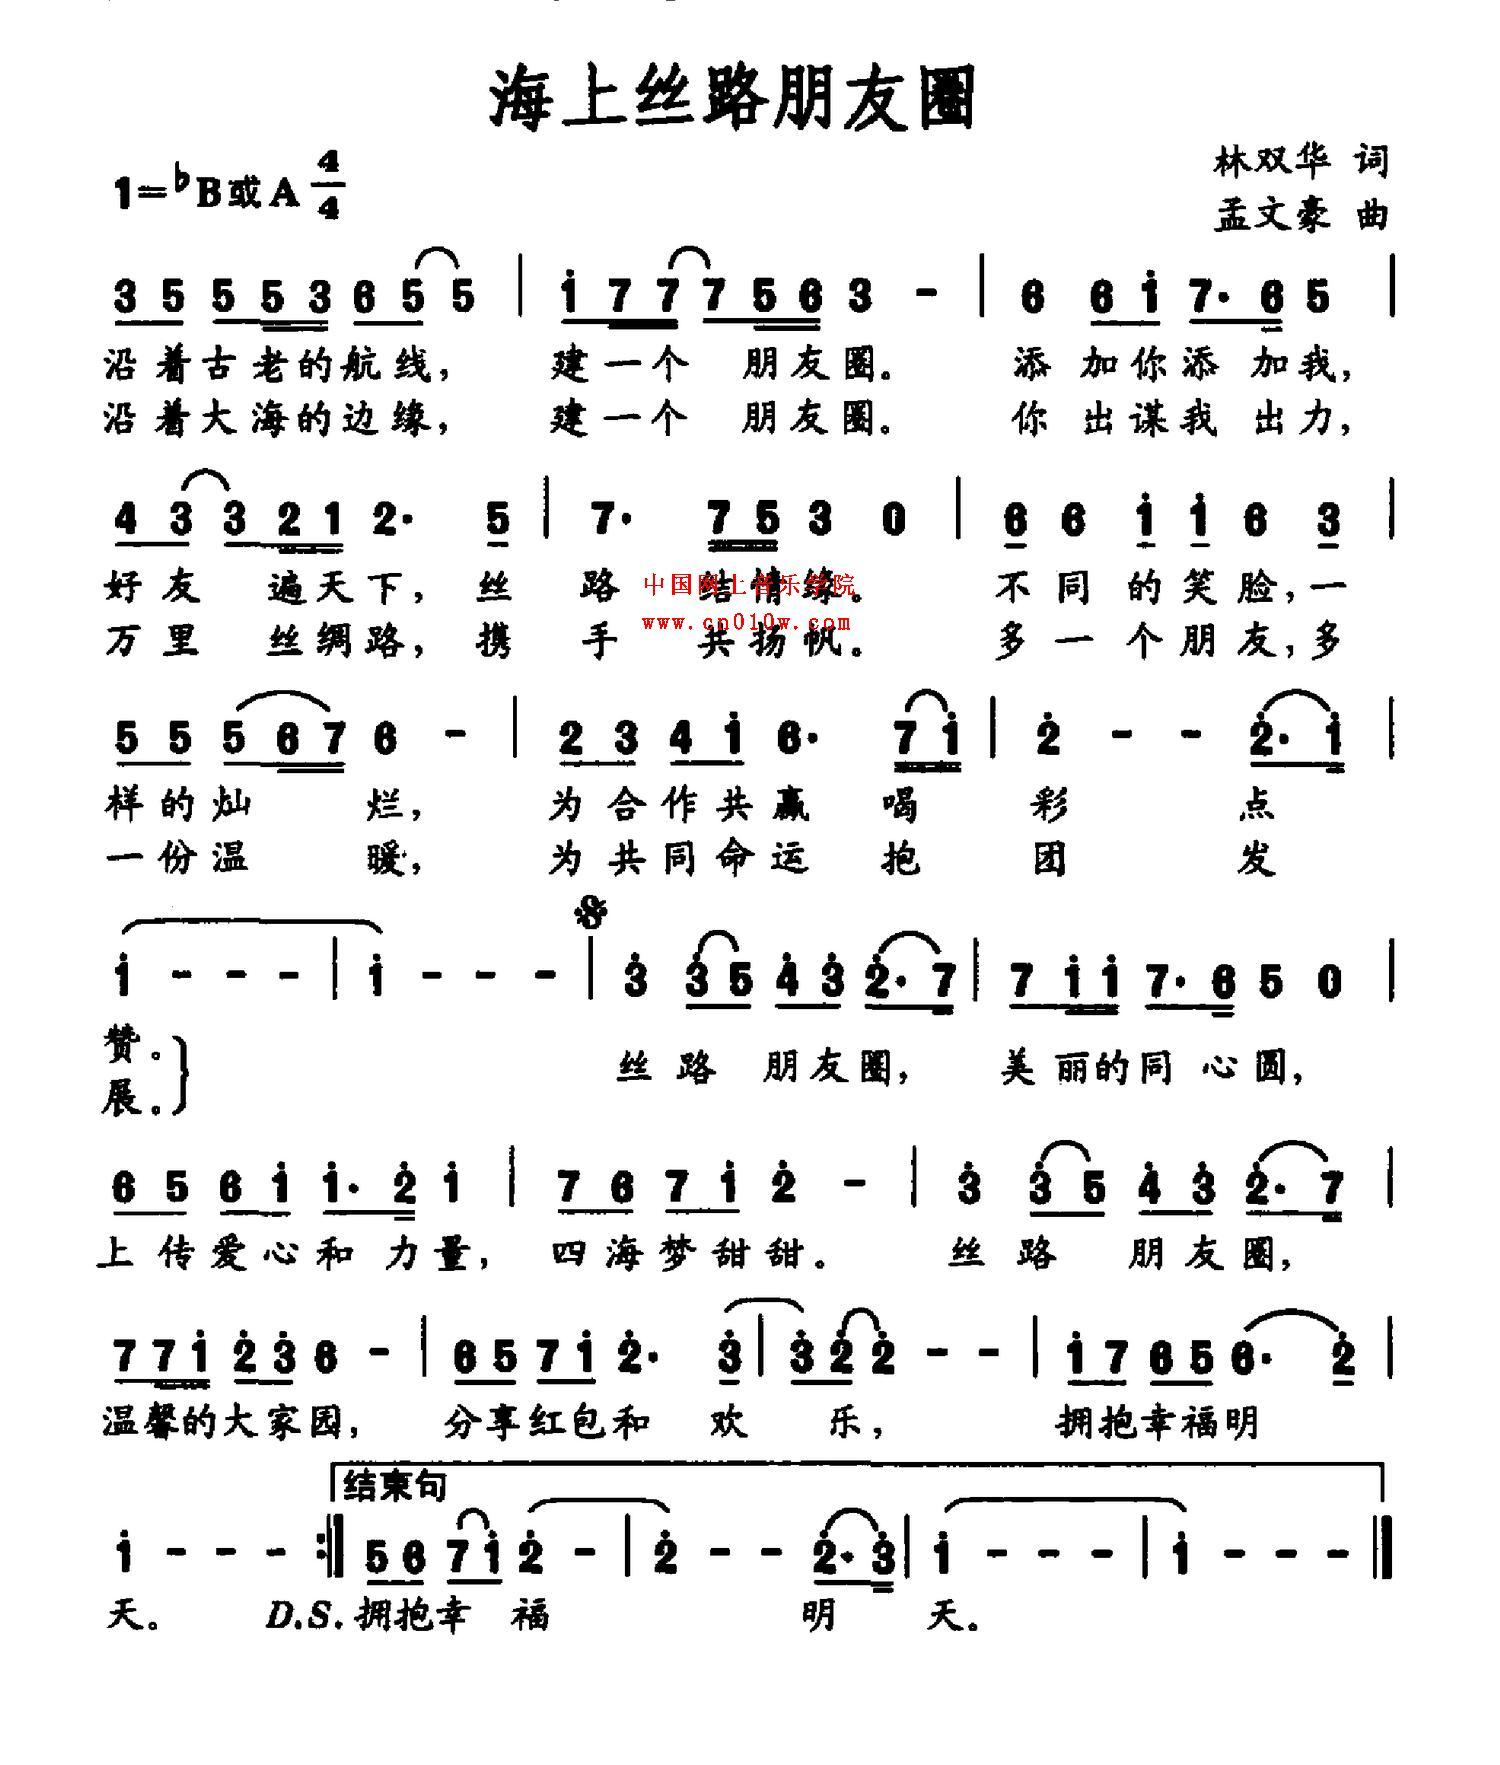 丝绸之路民乐合奏谱子-民歌曲谱 海上丝路朋友圈